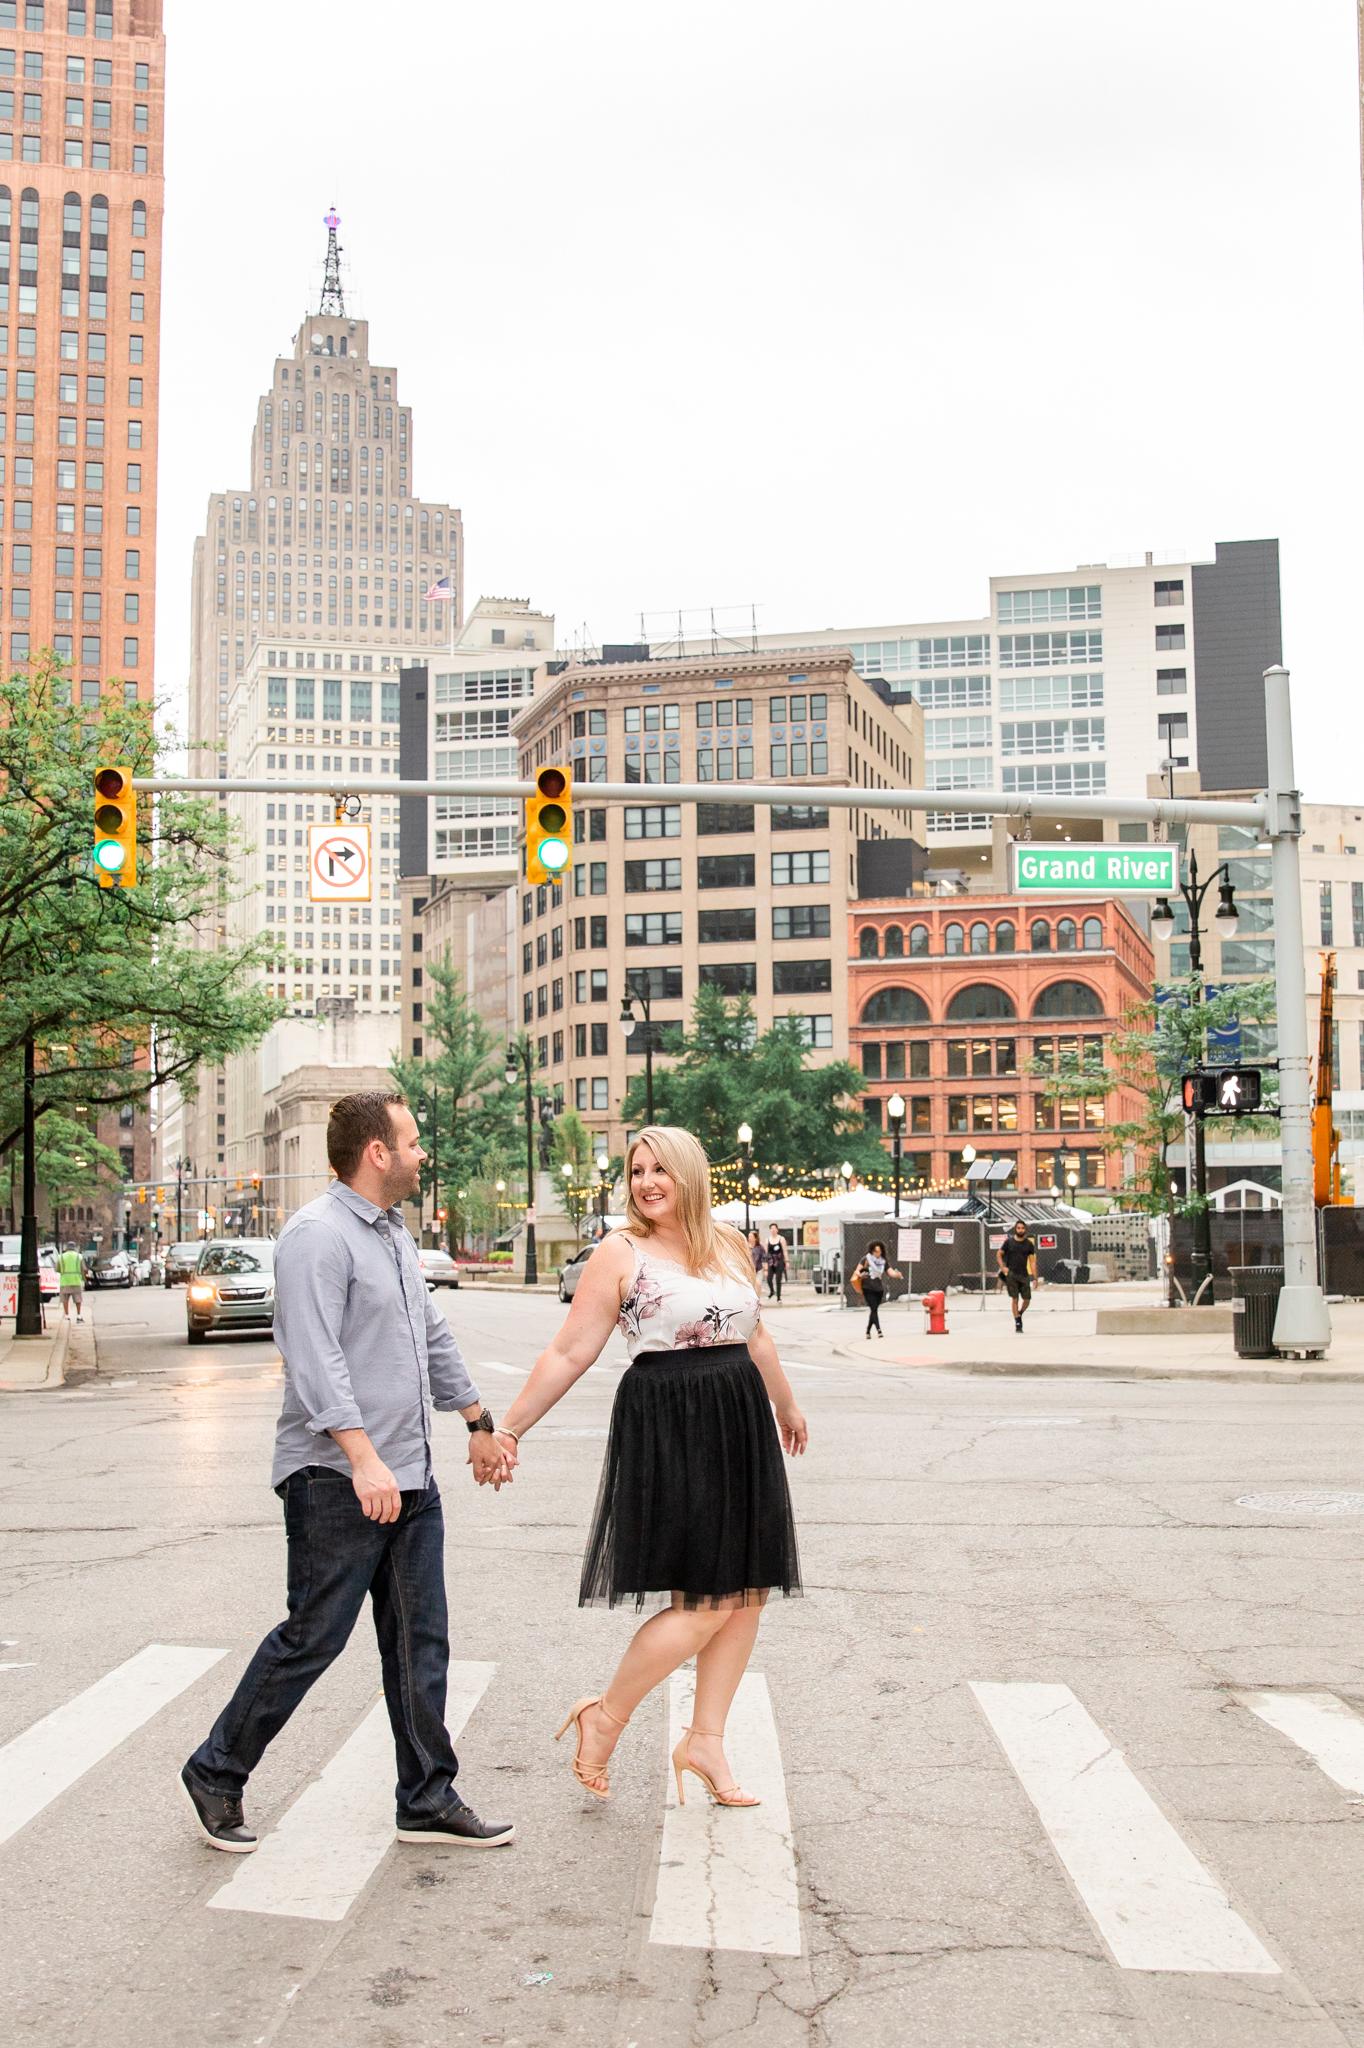 downtown detroit engagement photos session